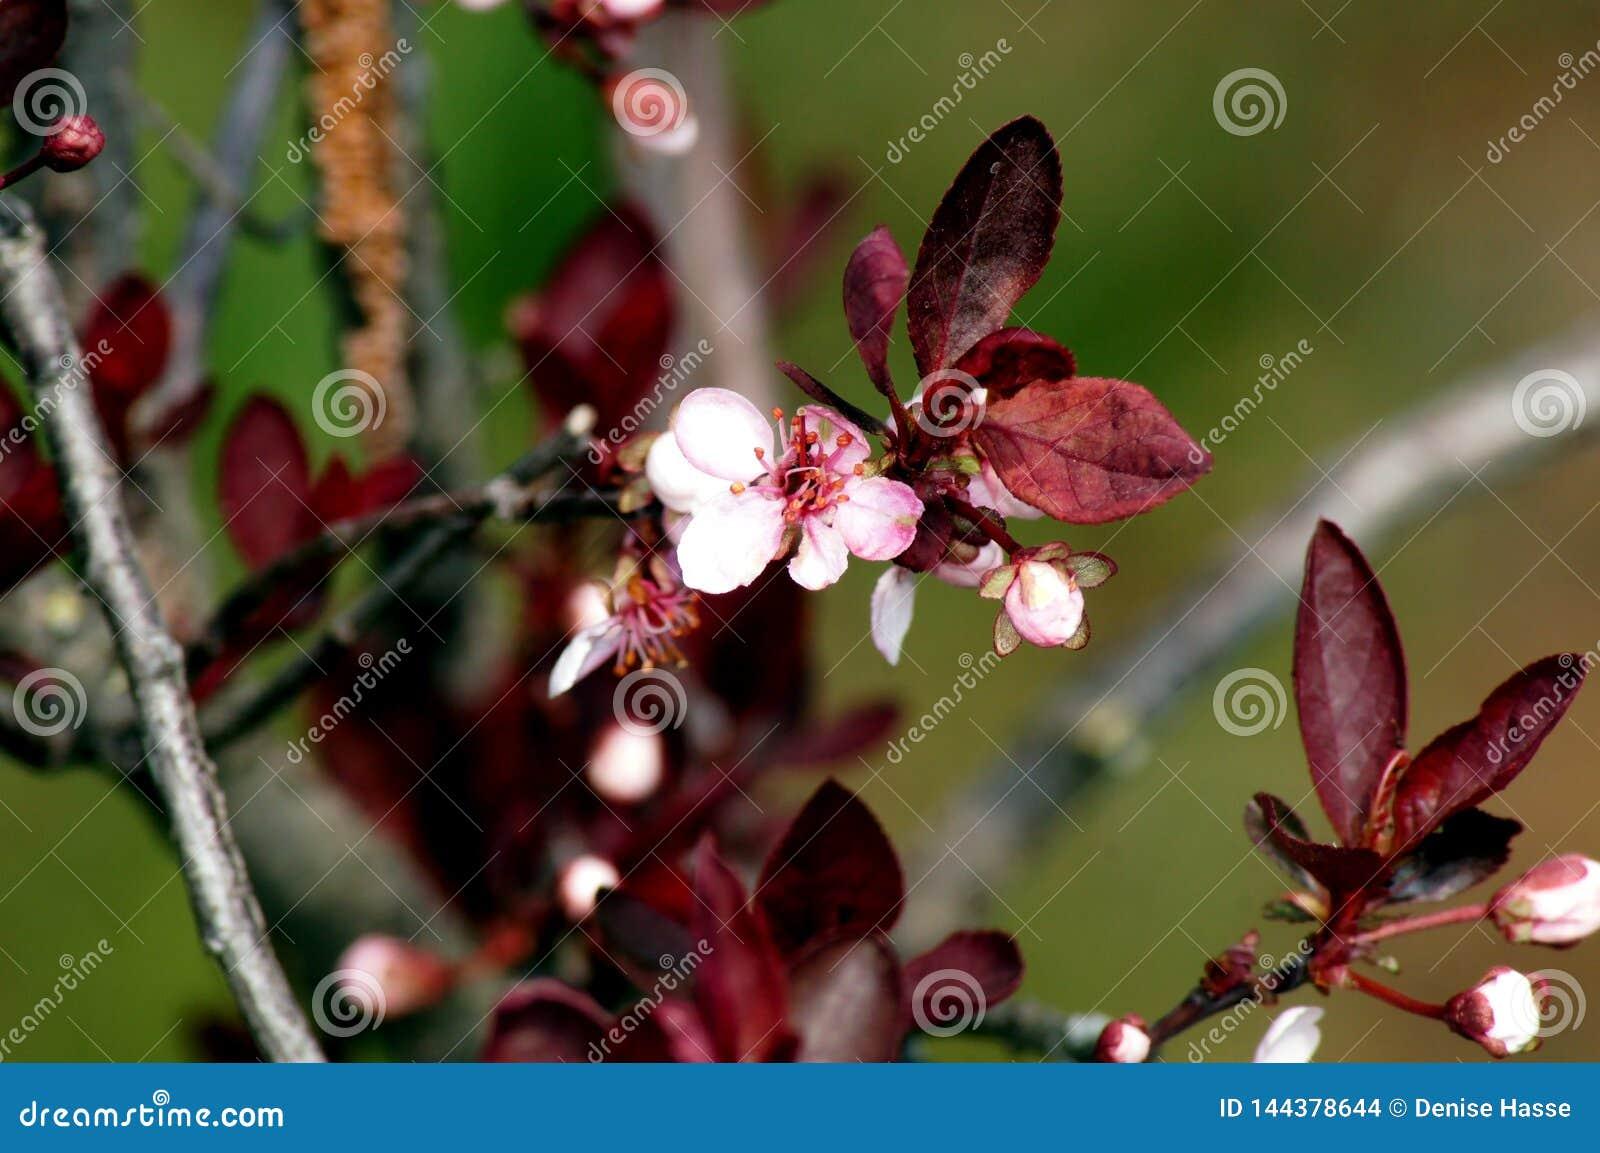 Delicate flowering Of the Blood Plum Prunus cerasifera